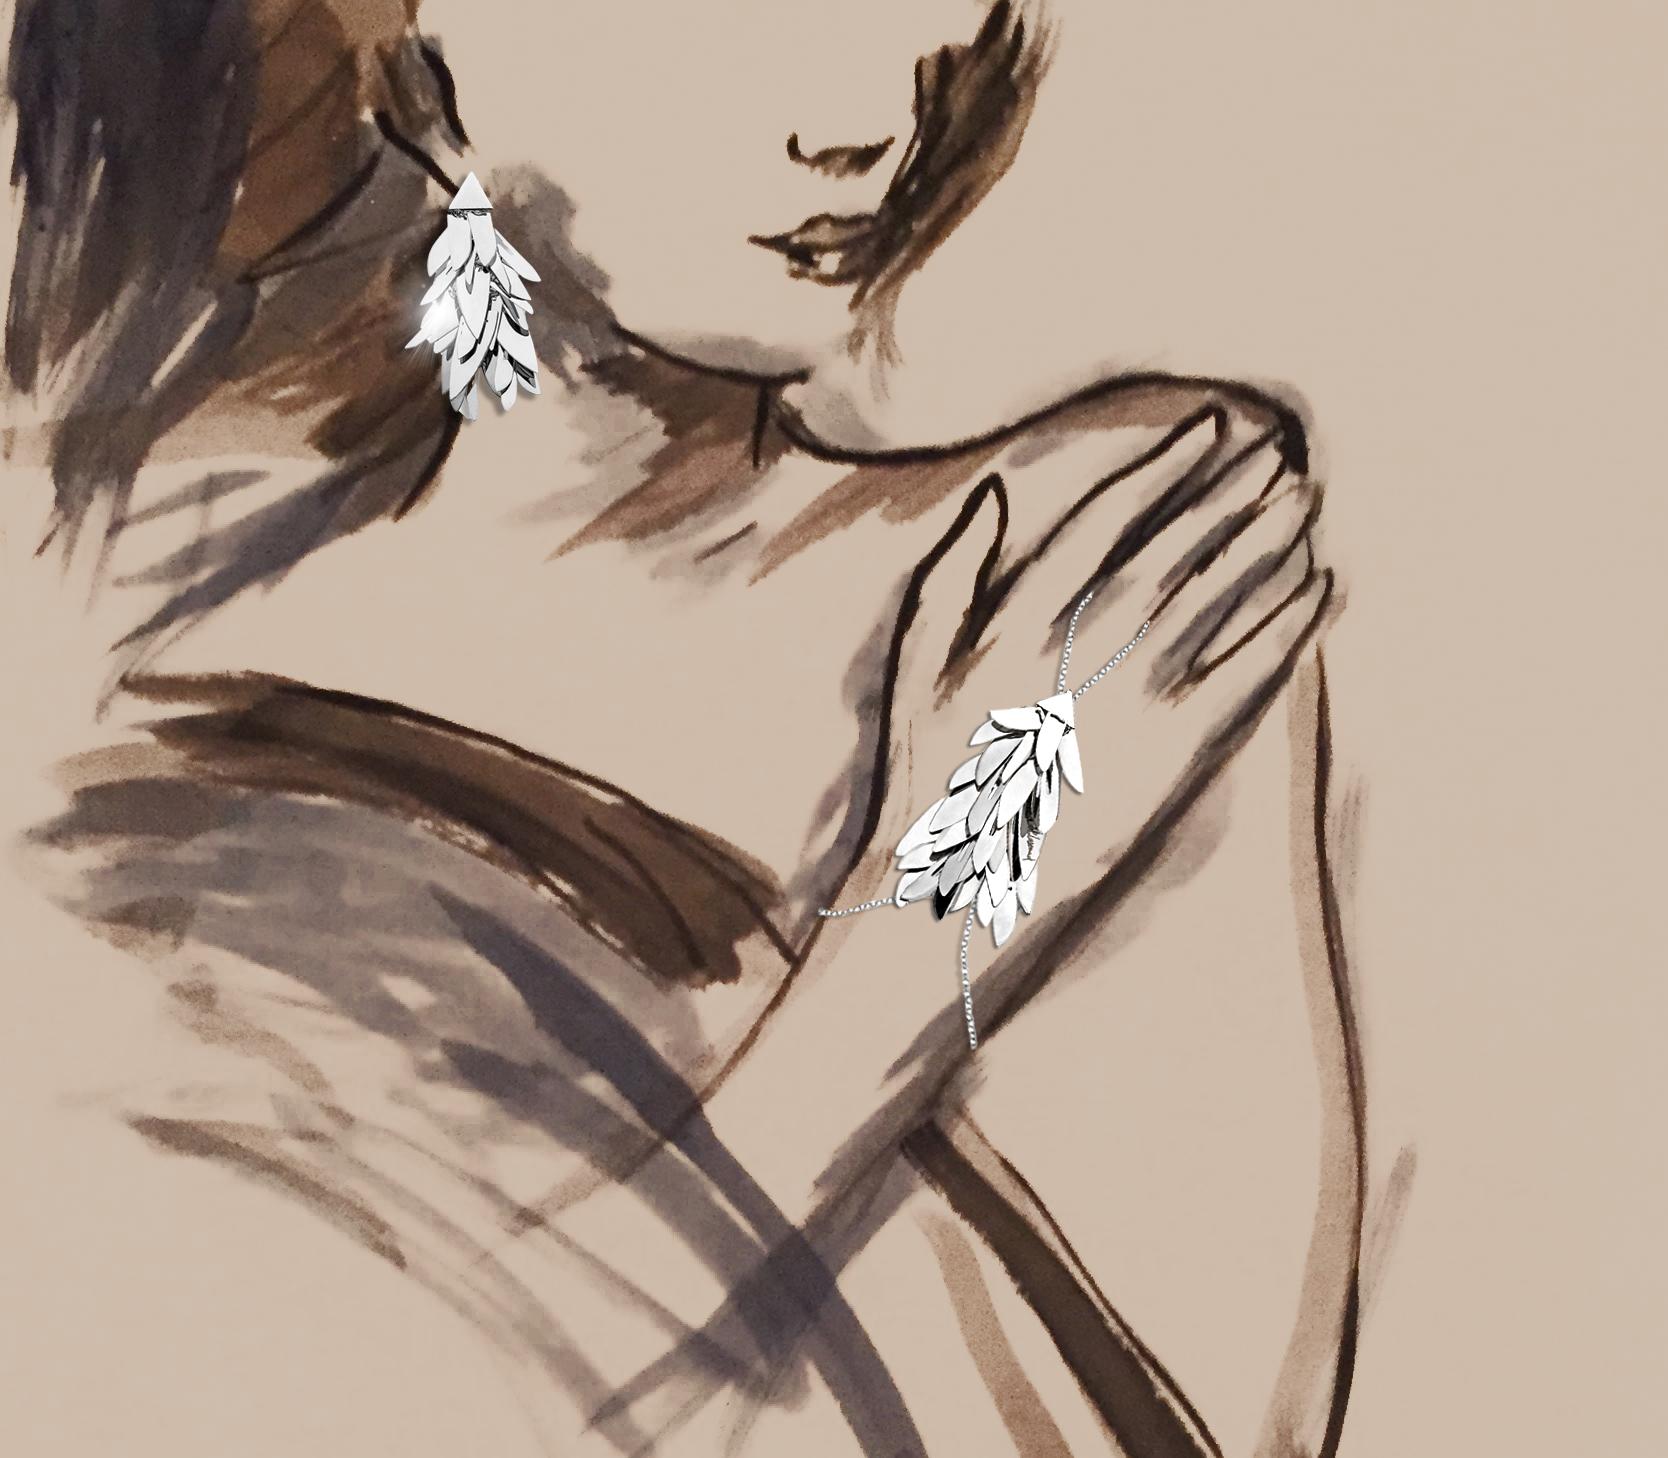 22- Adel Abdessemed Game earrings, ring/bracelet